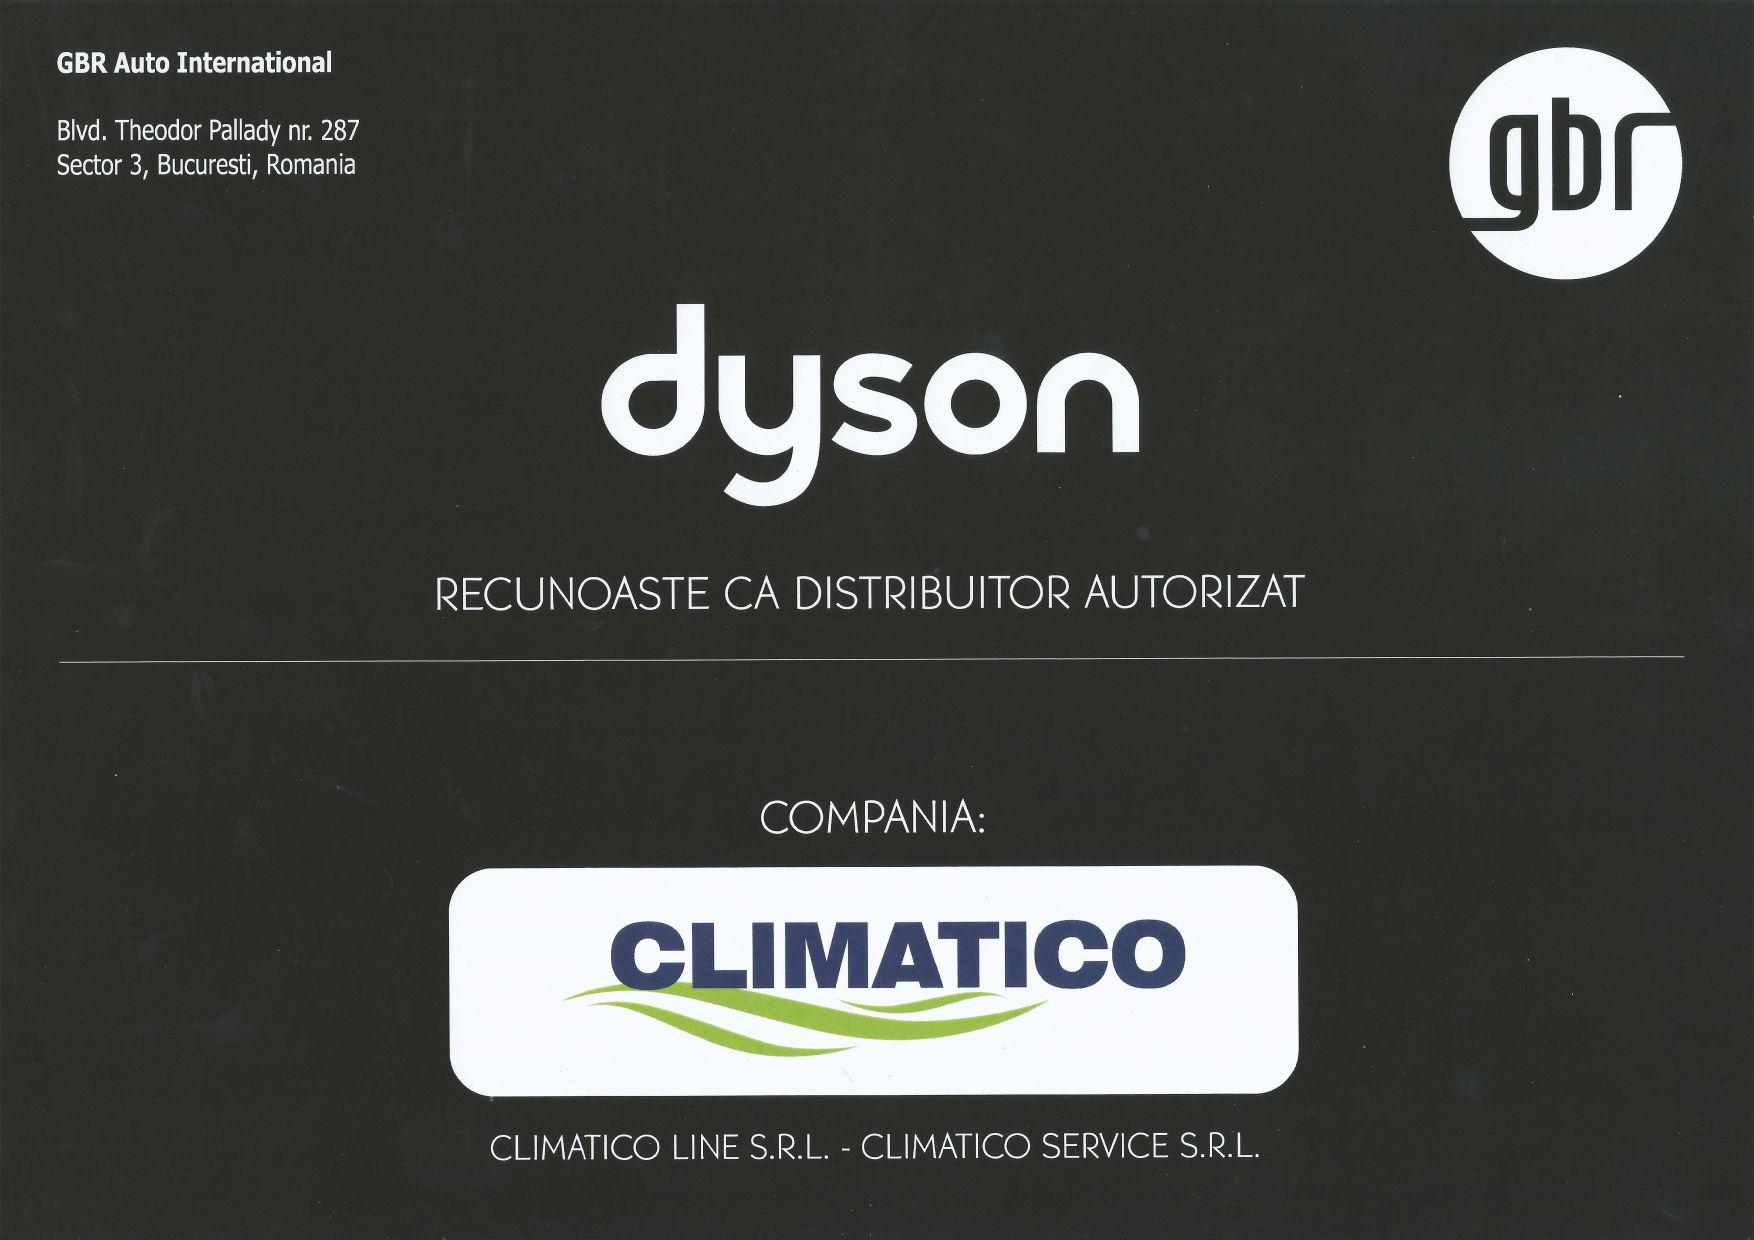 Climatico distibutior oficial Dyson in Romania